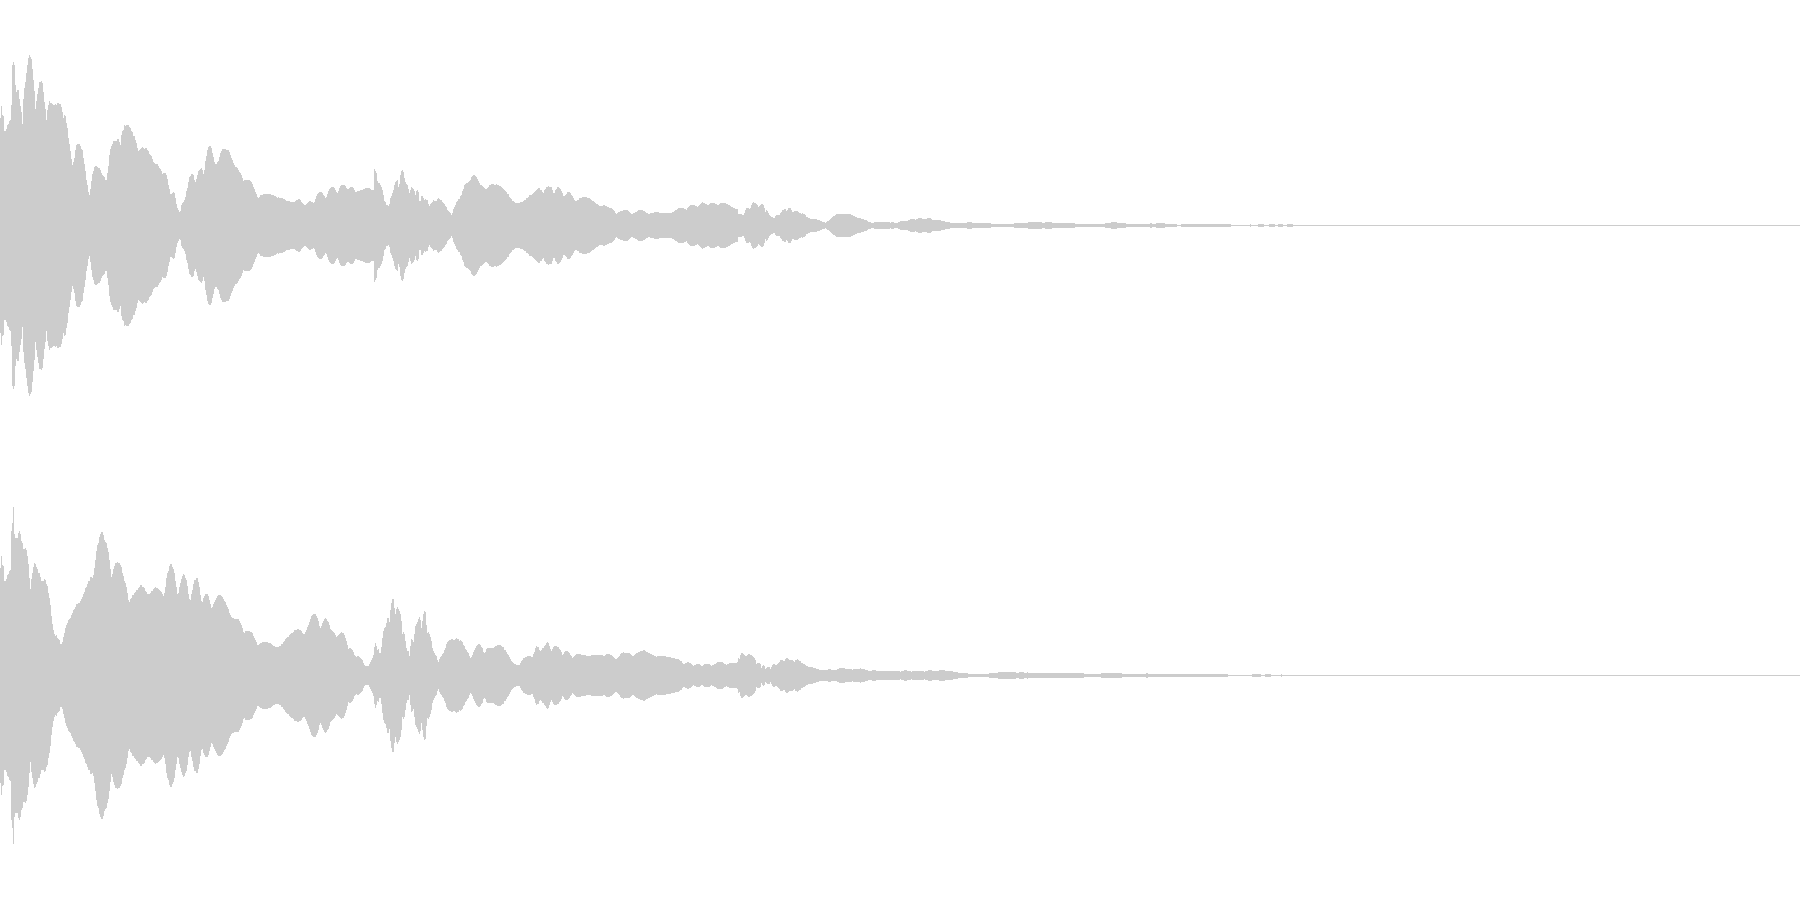 ベル/メタル/システム/金属/響くの未再生の波形